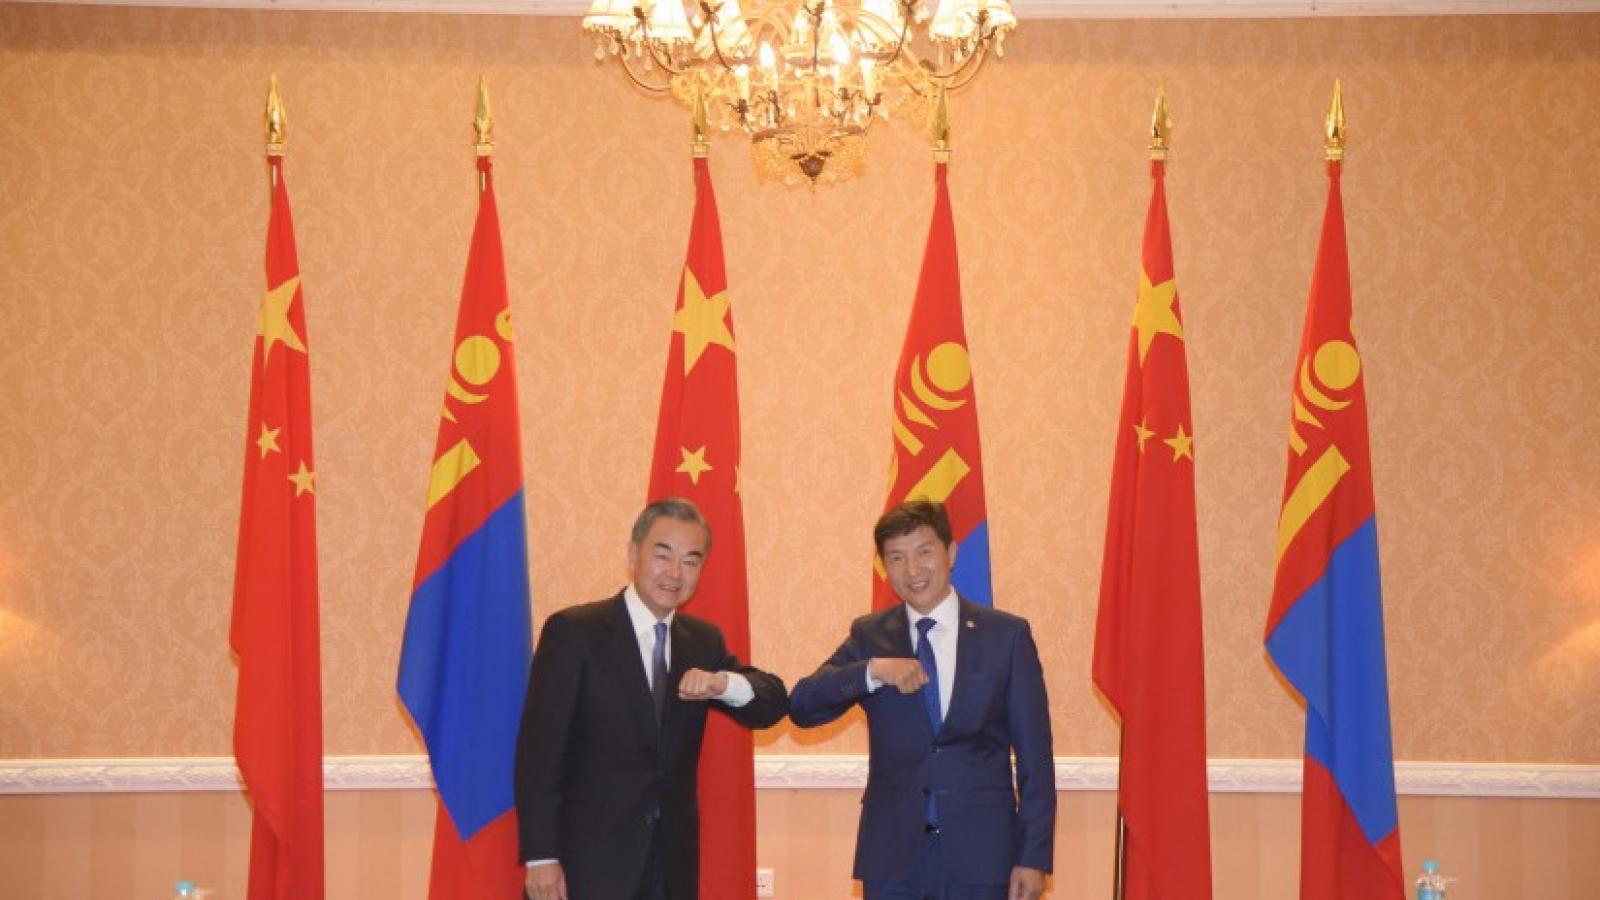 Trung Quốc - Mông Cổ tăng cường hợp tác trong cuộc chiến chống Covid-19